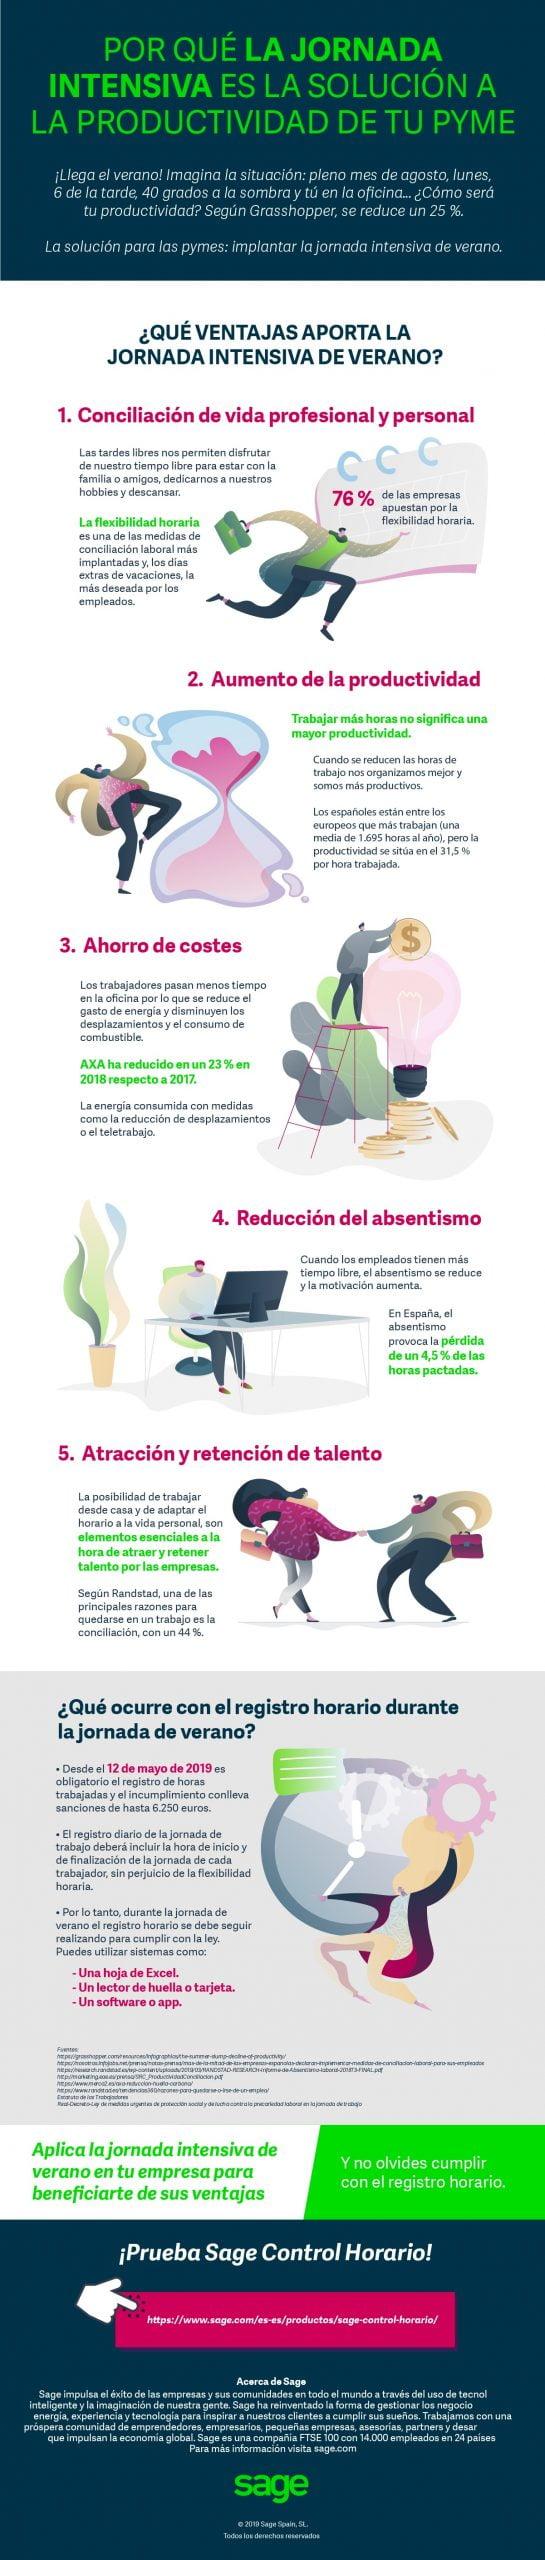 3 pasos para que los contadores puedan aumentar la productividad antes de la temporada de trabajo